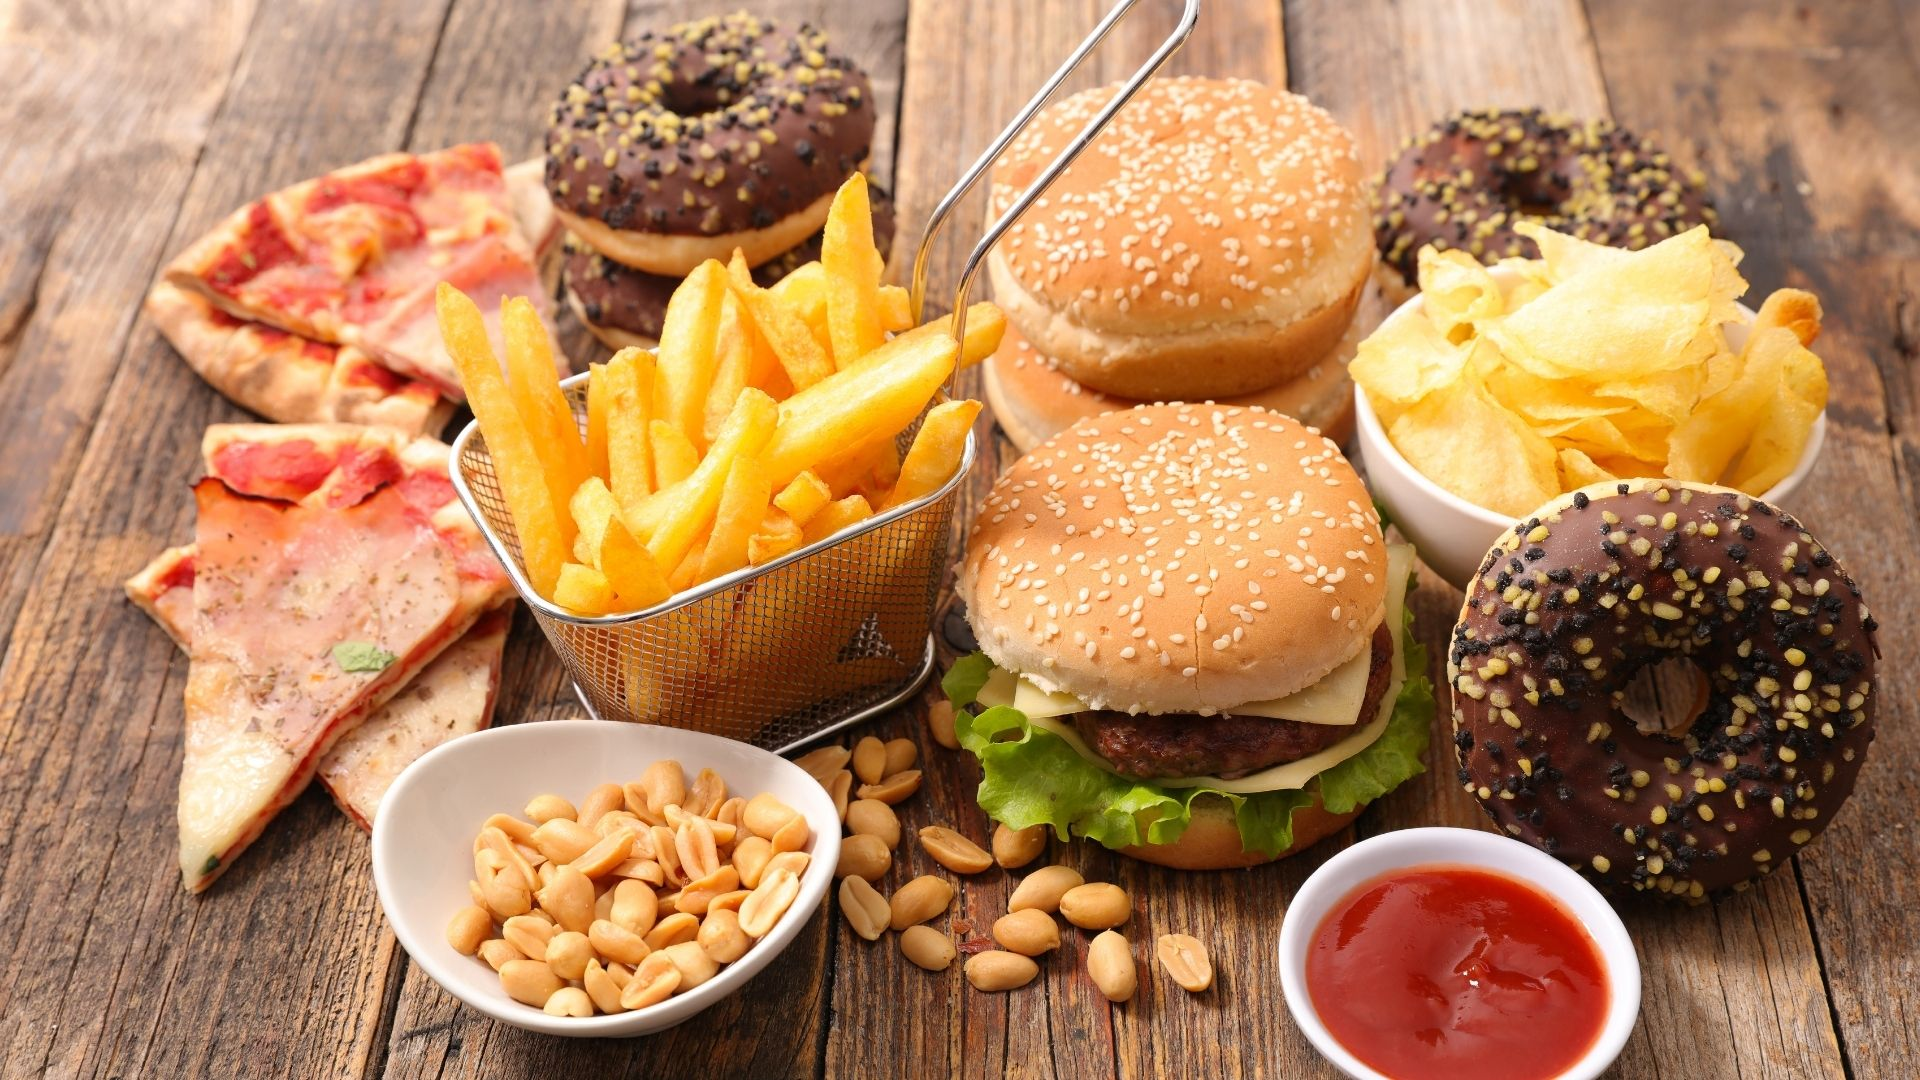 加工類食品, 譬如炸雞、麥當勞